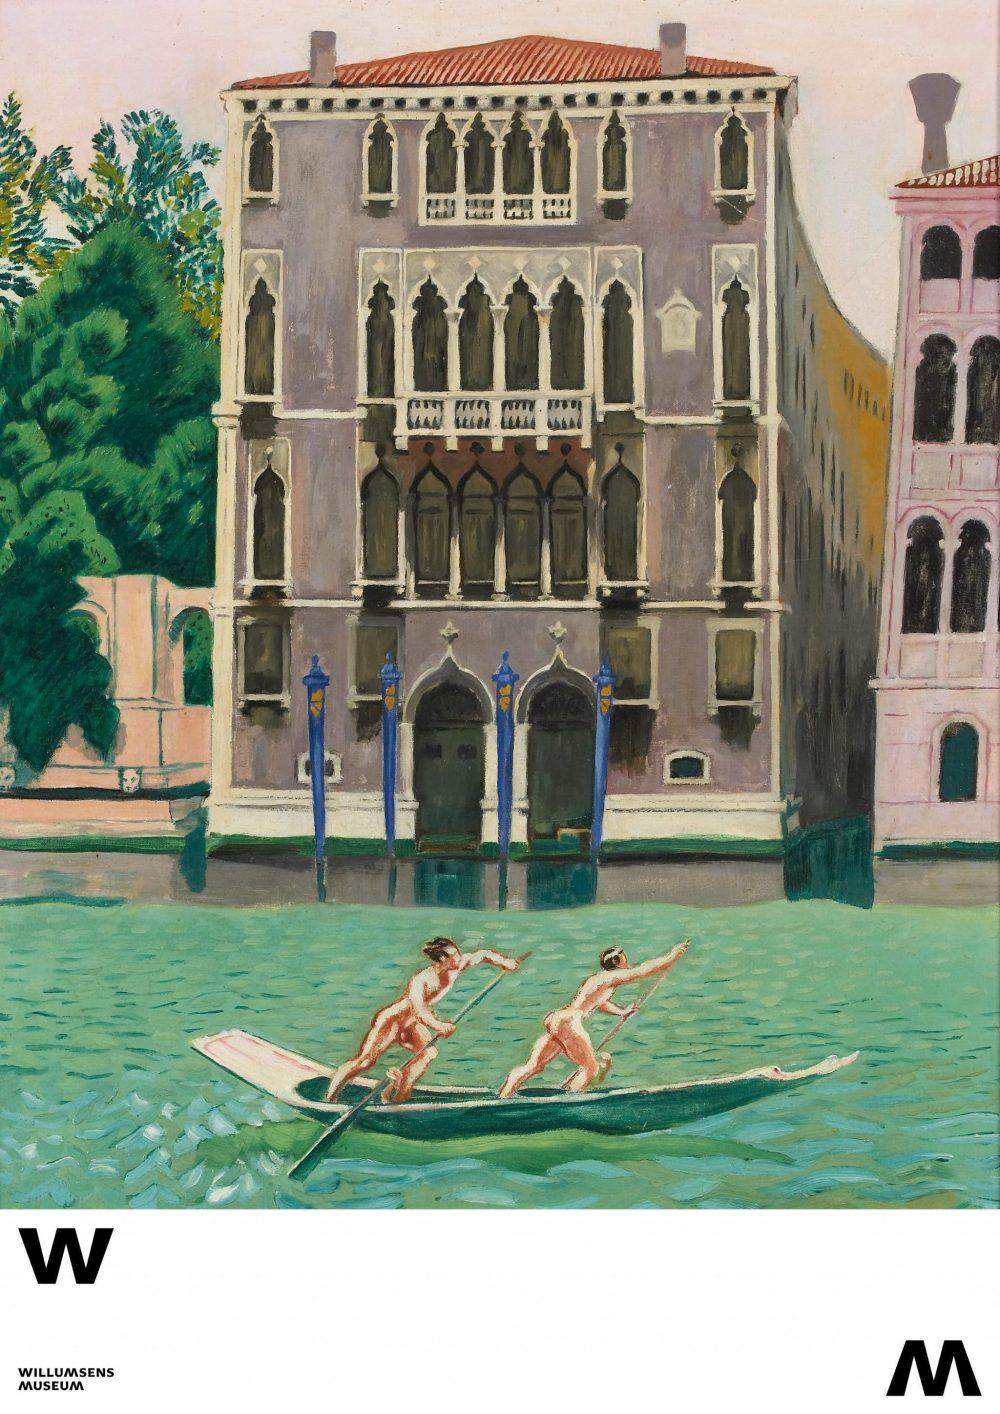 Plakat med motiv af Willumsens værk Palazzo Morosini ved Canal Grande. En gondol med to nøgne roere fra 1934